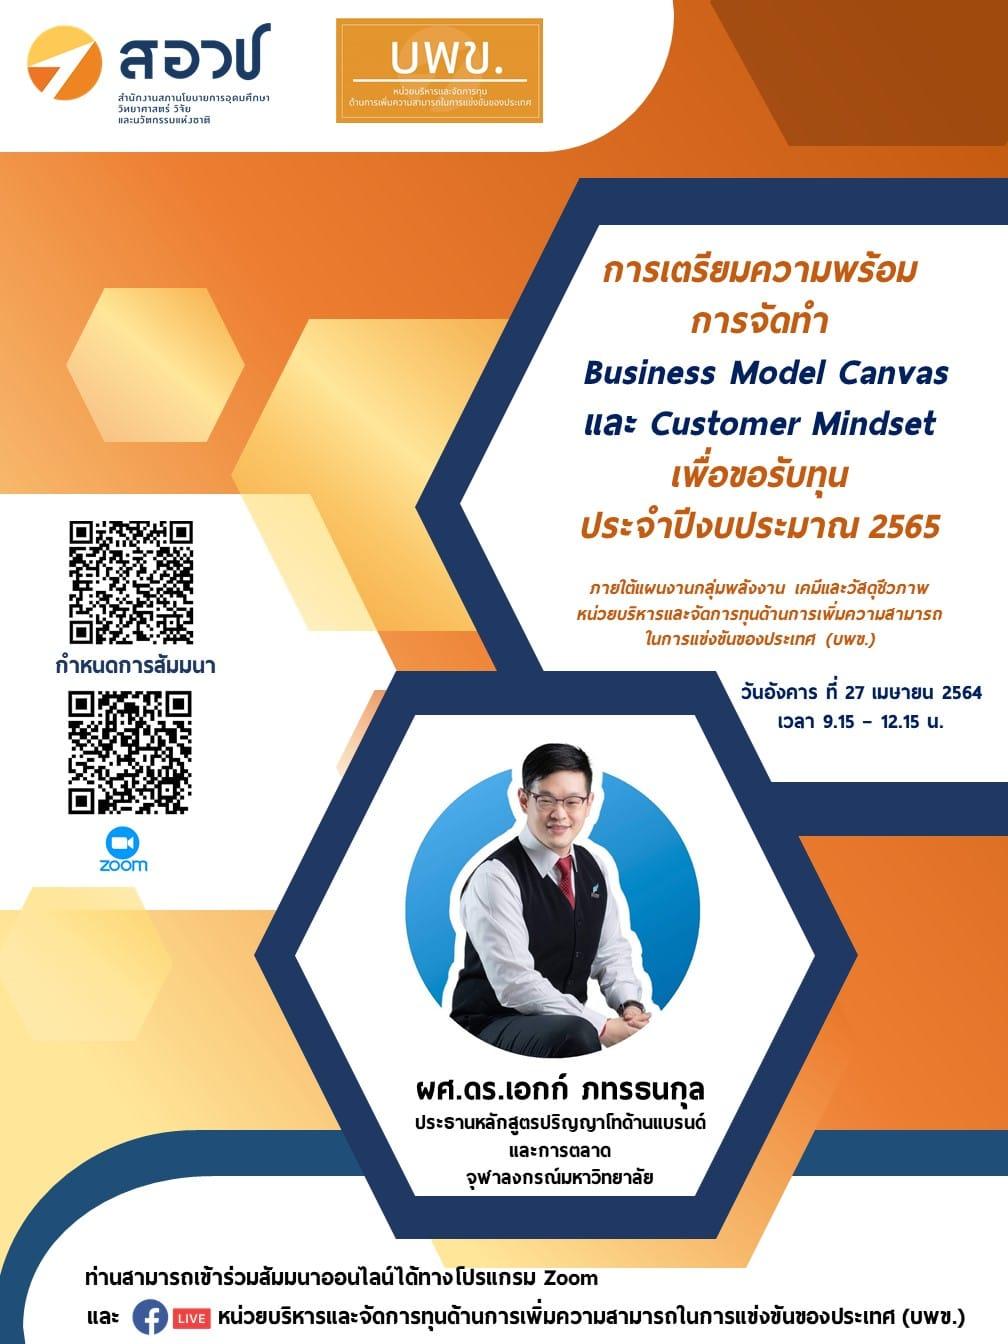 ขอเชิญผู้สนใจเข้าร่วมการสัมมนาออนไลน์ เรื่อง การเตรียมความพร้อมการจัดทำ Business Model Canvas และ Customer Mindset เพื่อขอรับทุน ประจำปีงบประมาณ 2565